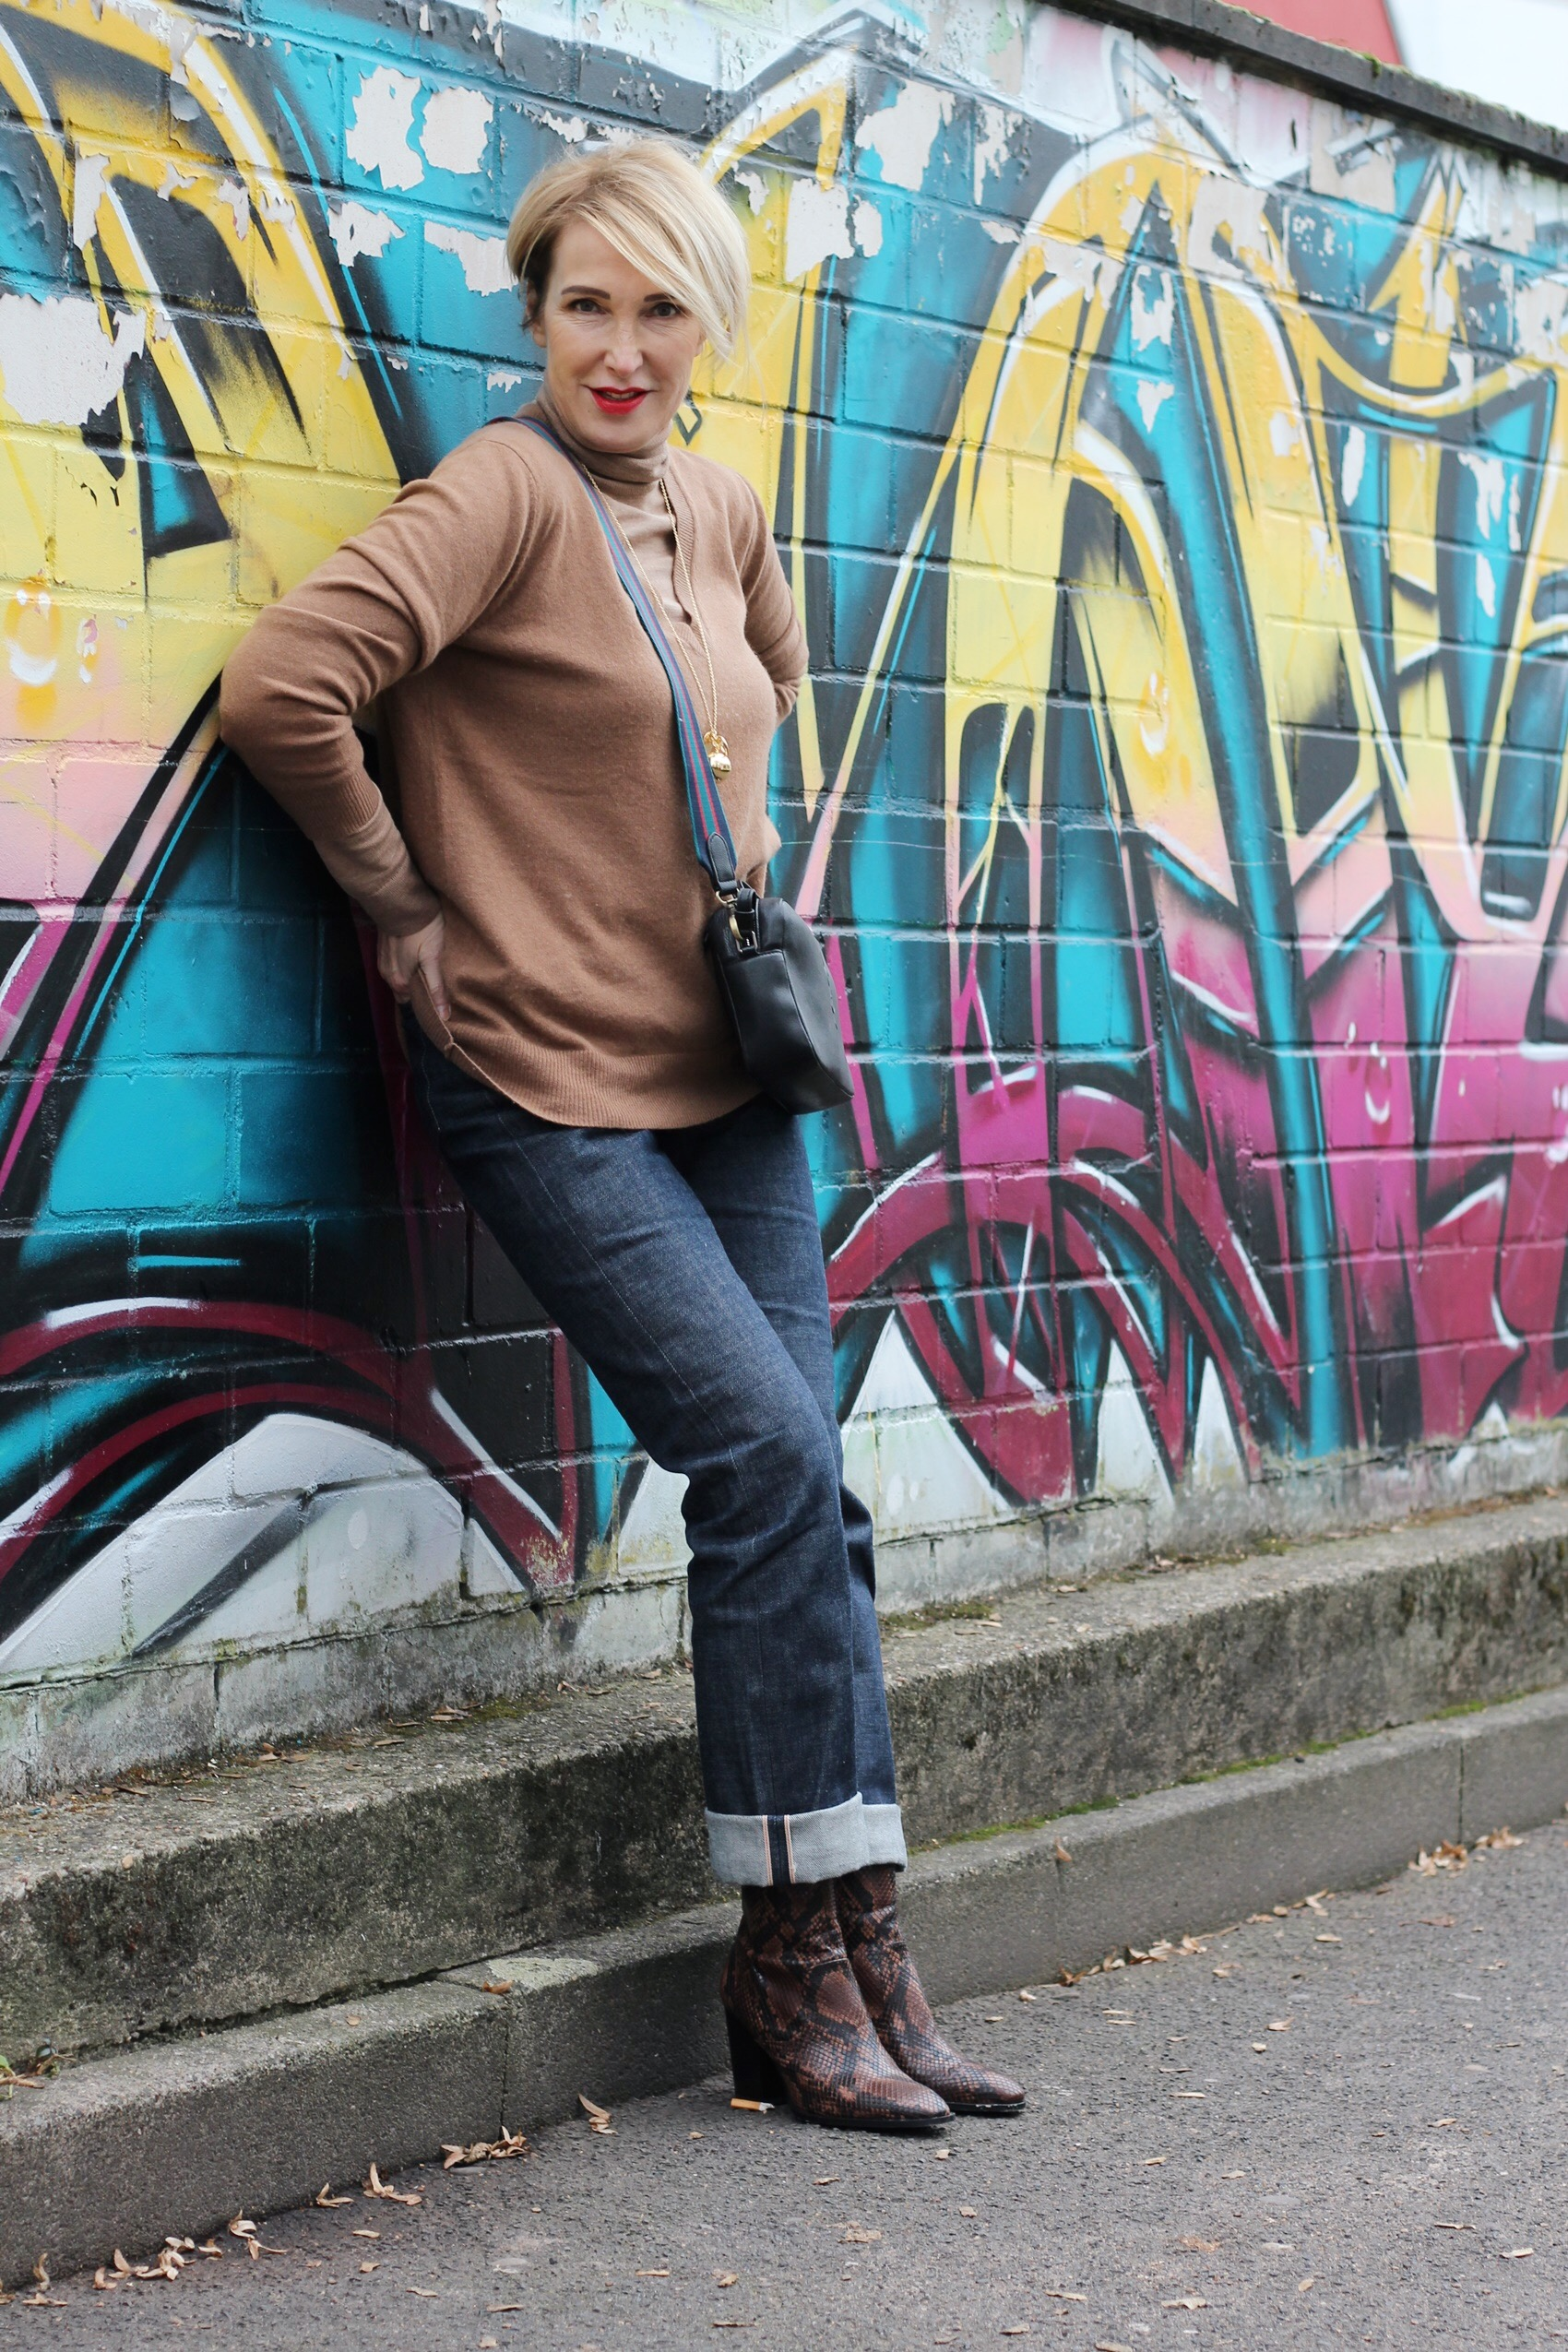 glamupyourlifestyle Rolli-untendrunter Rollkragenpullover Lagen-Look dünner-Rolli ue-40-blog ue-50-blog ü-40-blo